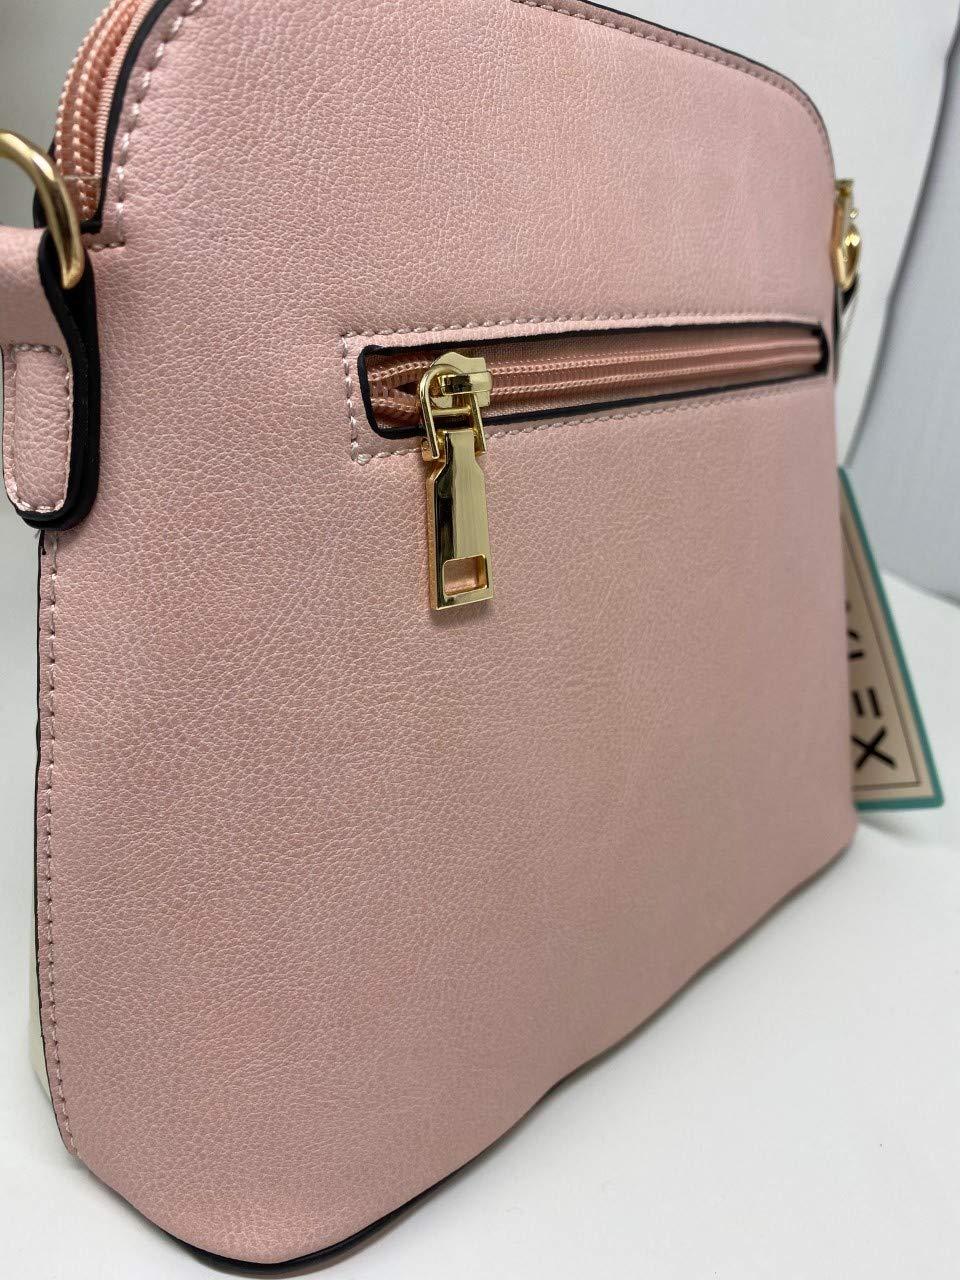 LeahWard damkvalitet konstläder korskroppen väskor tofs axelväska handväskor för semesterfest 1061 White Top Yellow Bottom